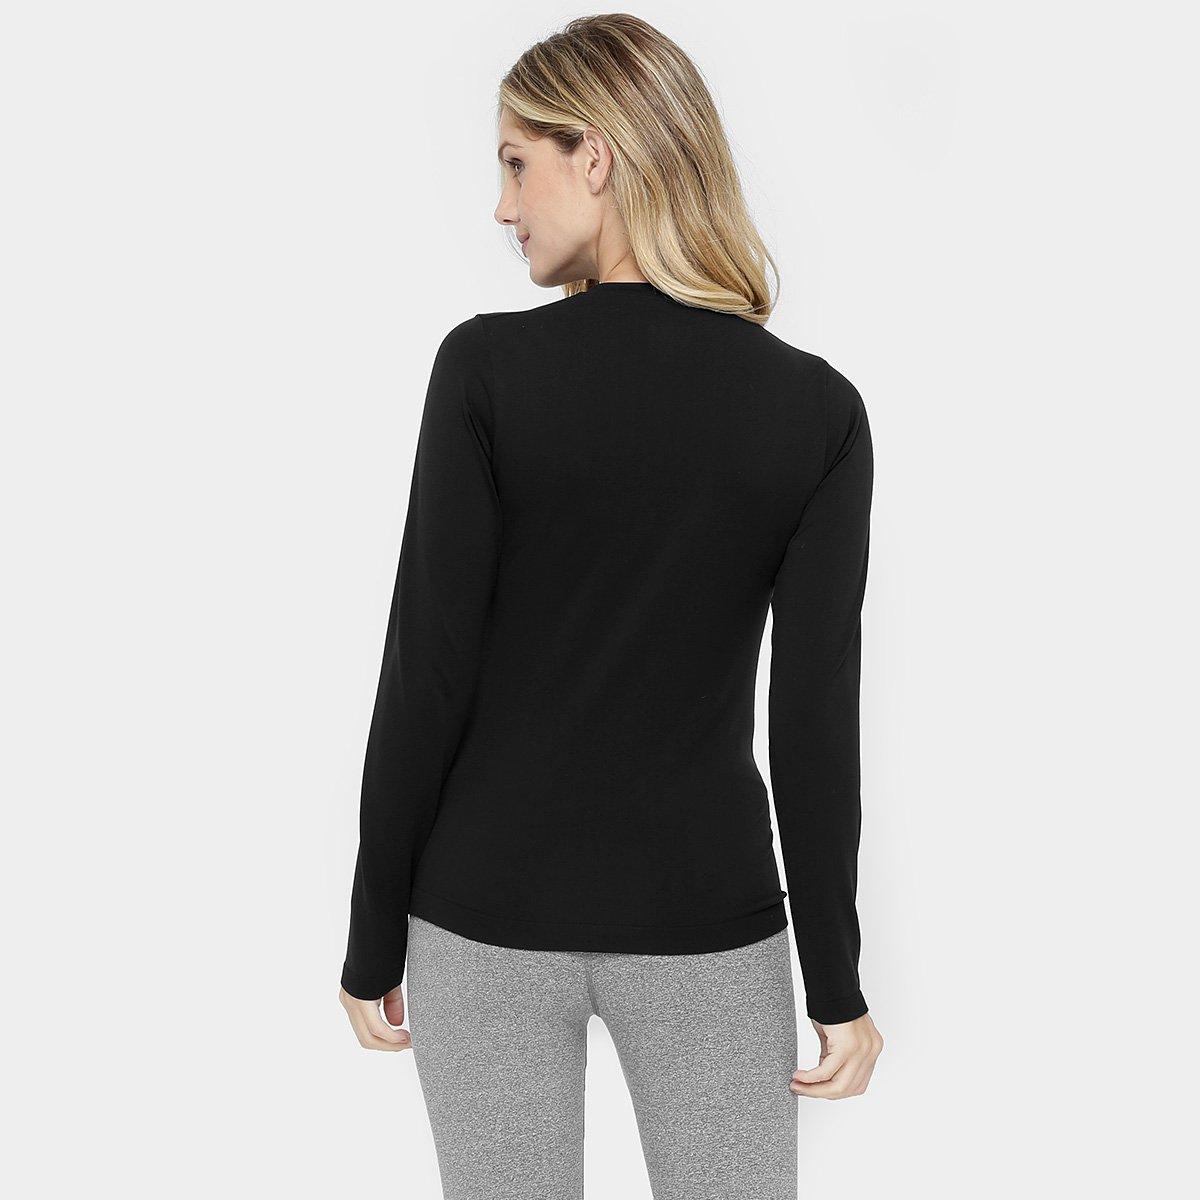 Camiseta Lupo Underwear Warm Manga Longa Feminina - Preto - Compre ... 3ea5a1d9cc478